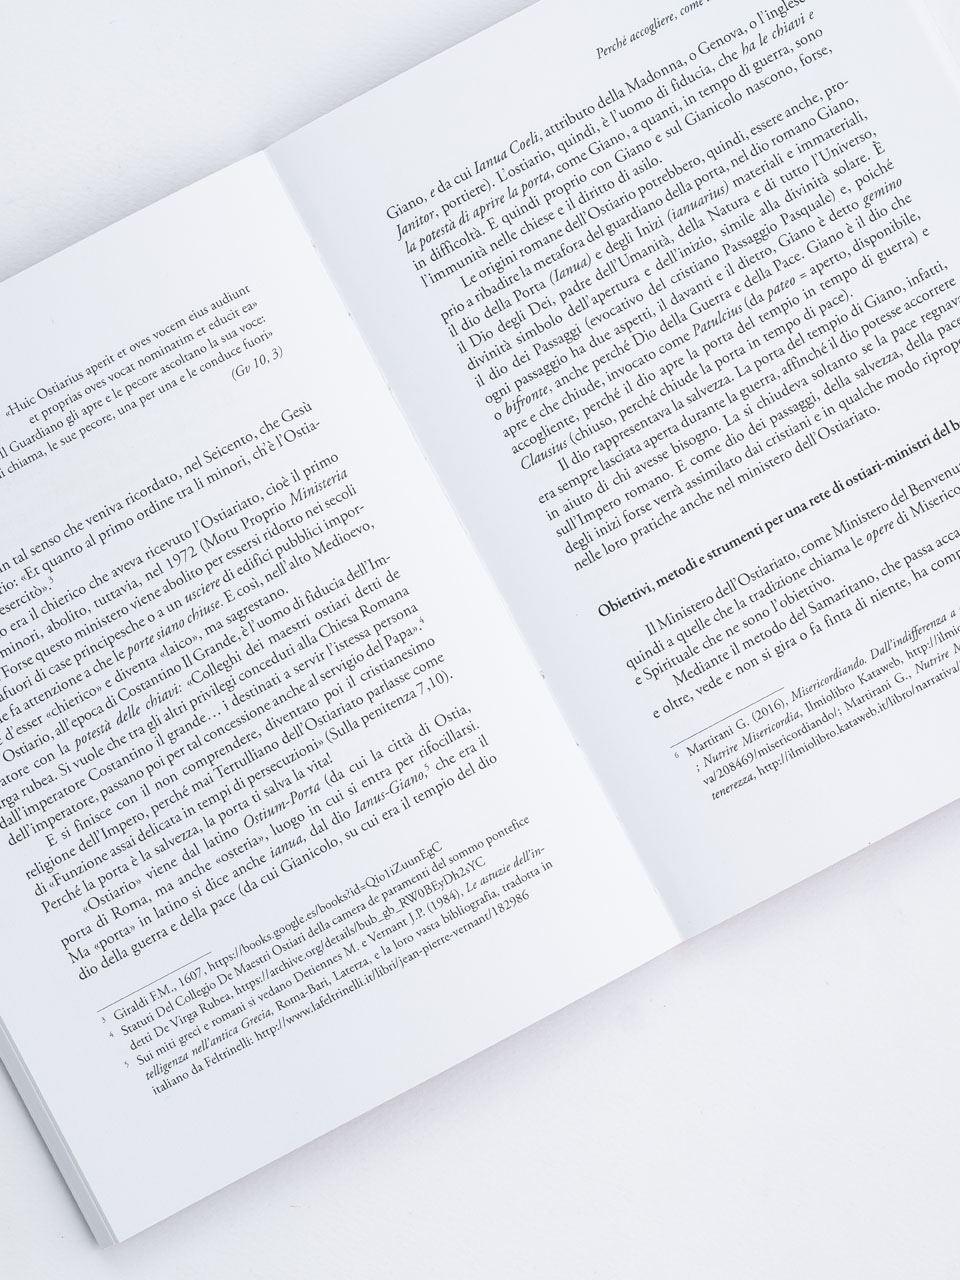 Oltre la cultura dello scarto - Libri - Erickson 2